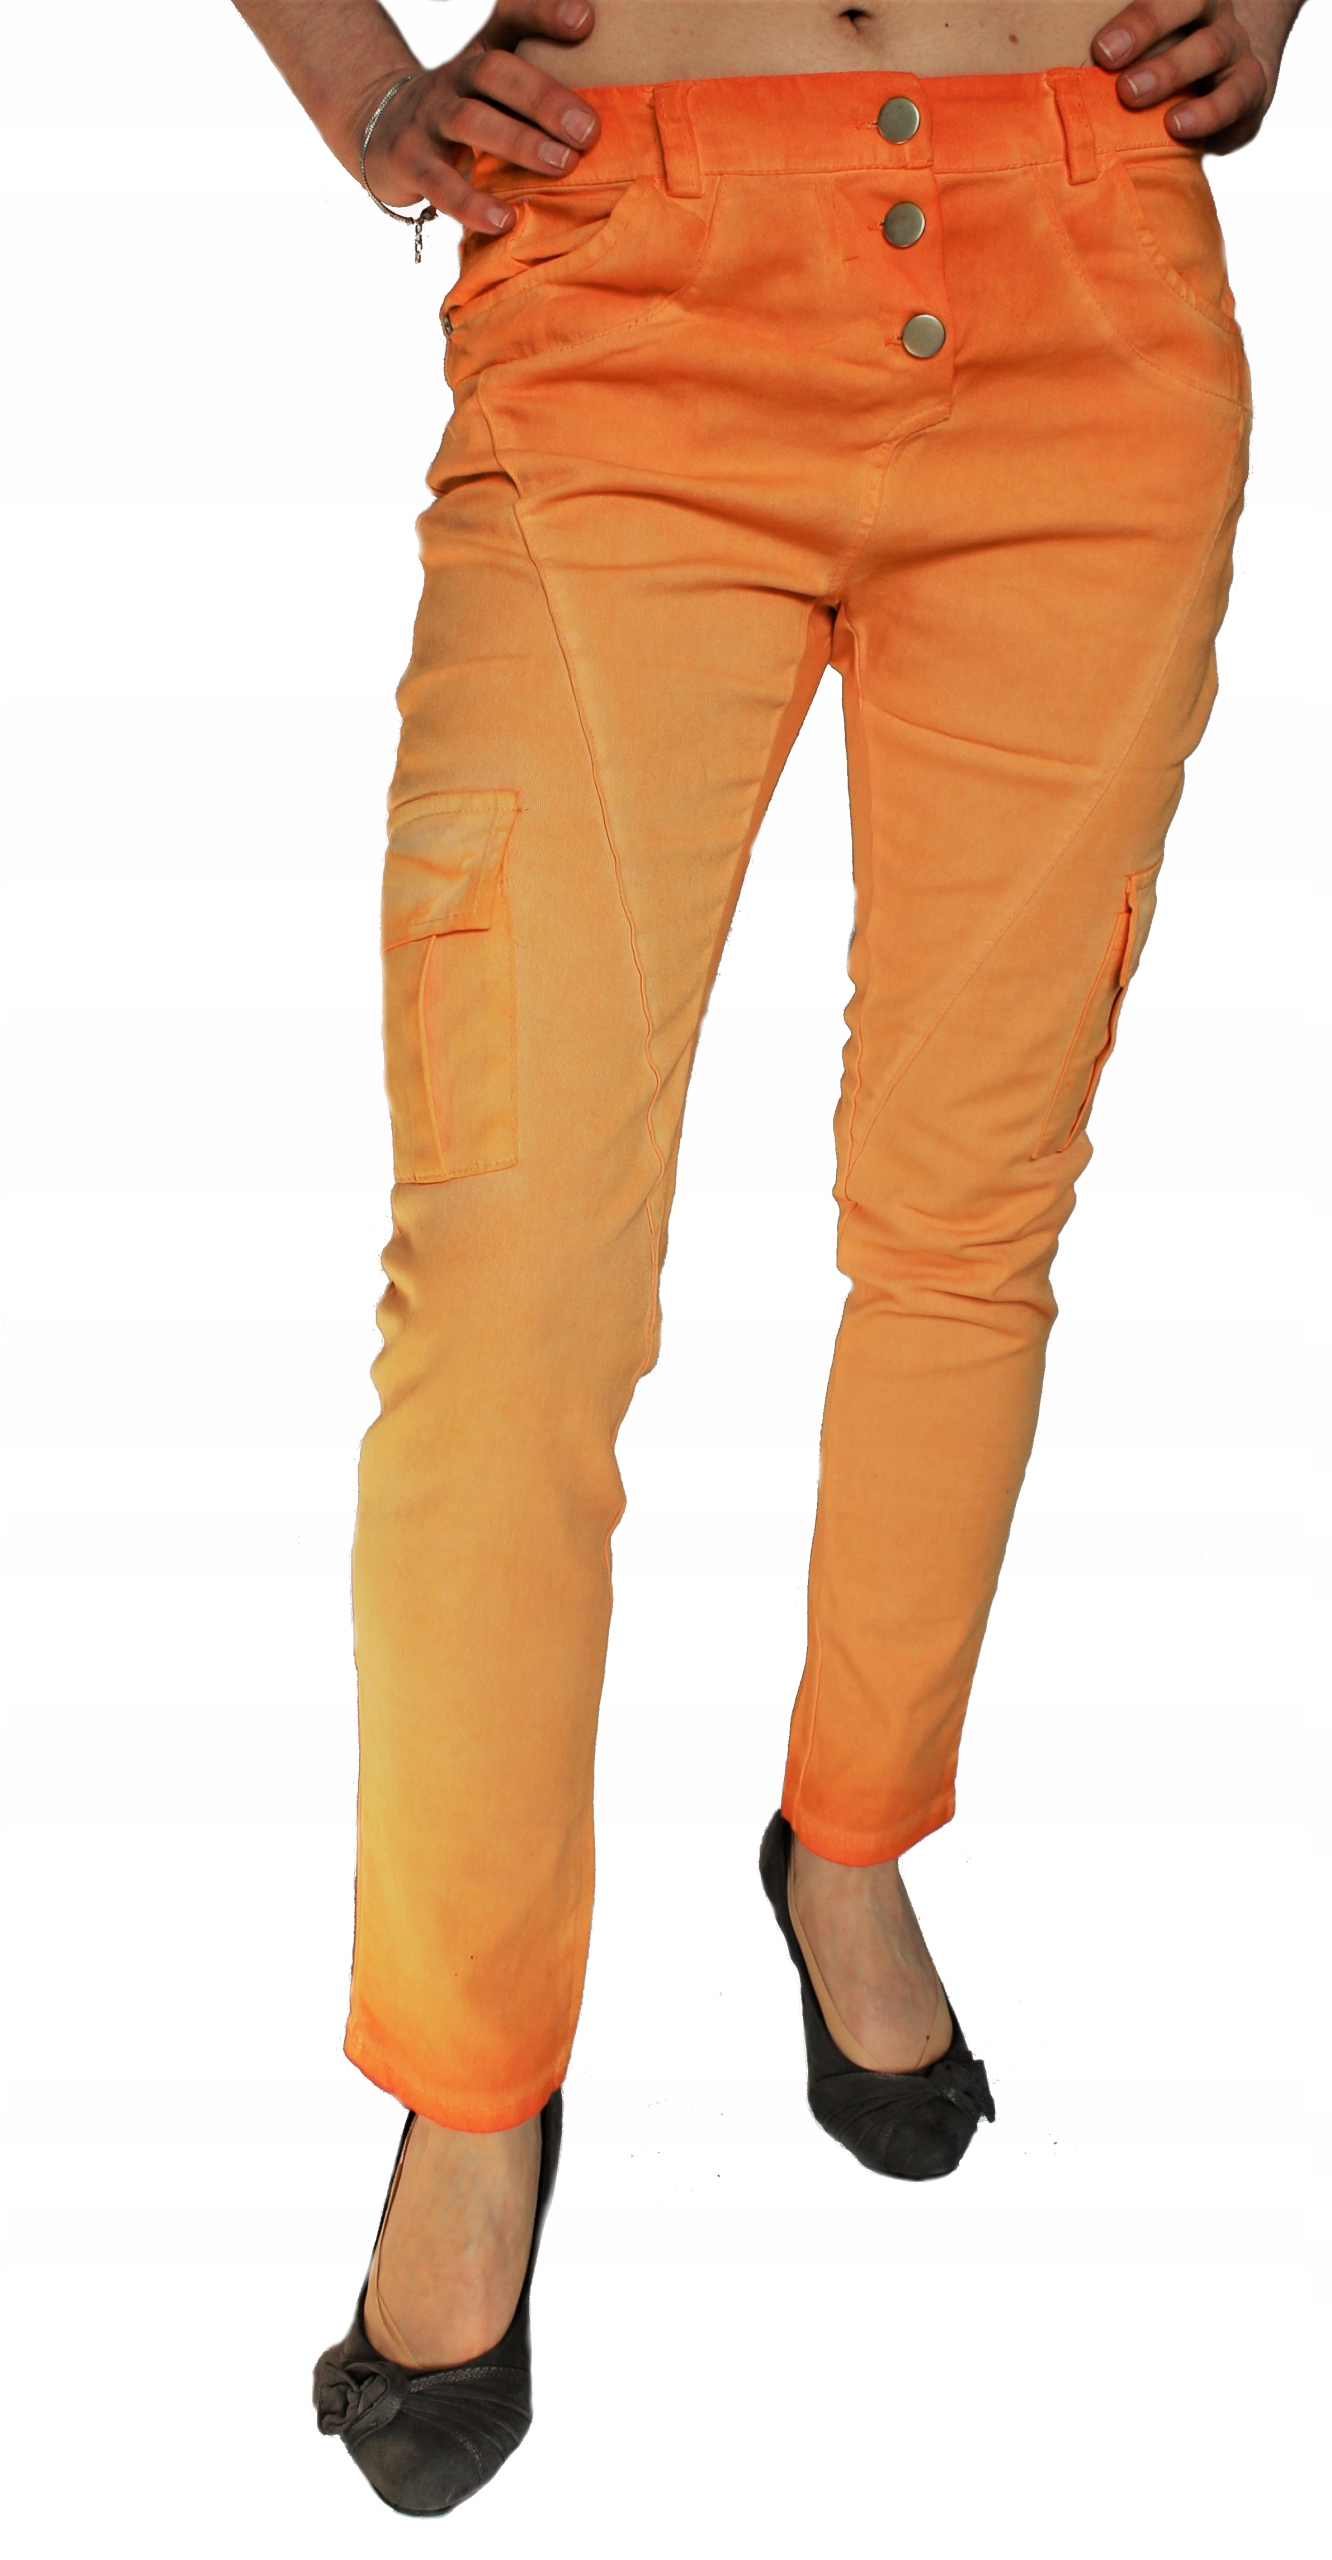 Rainbow Cropped spodnie bojówki Made In Italy 38 M